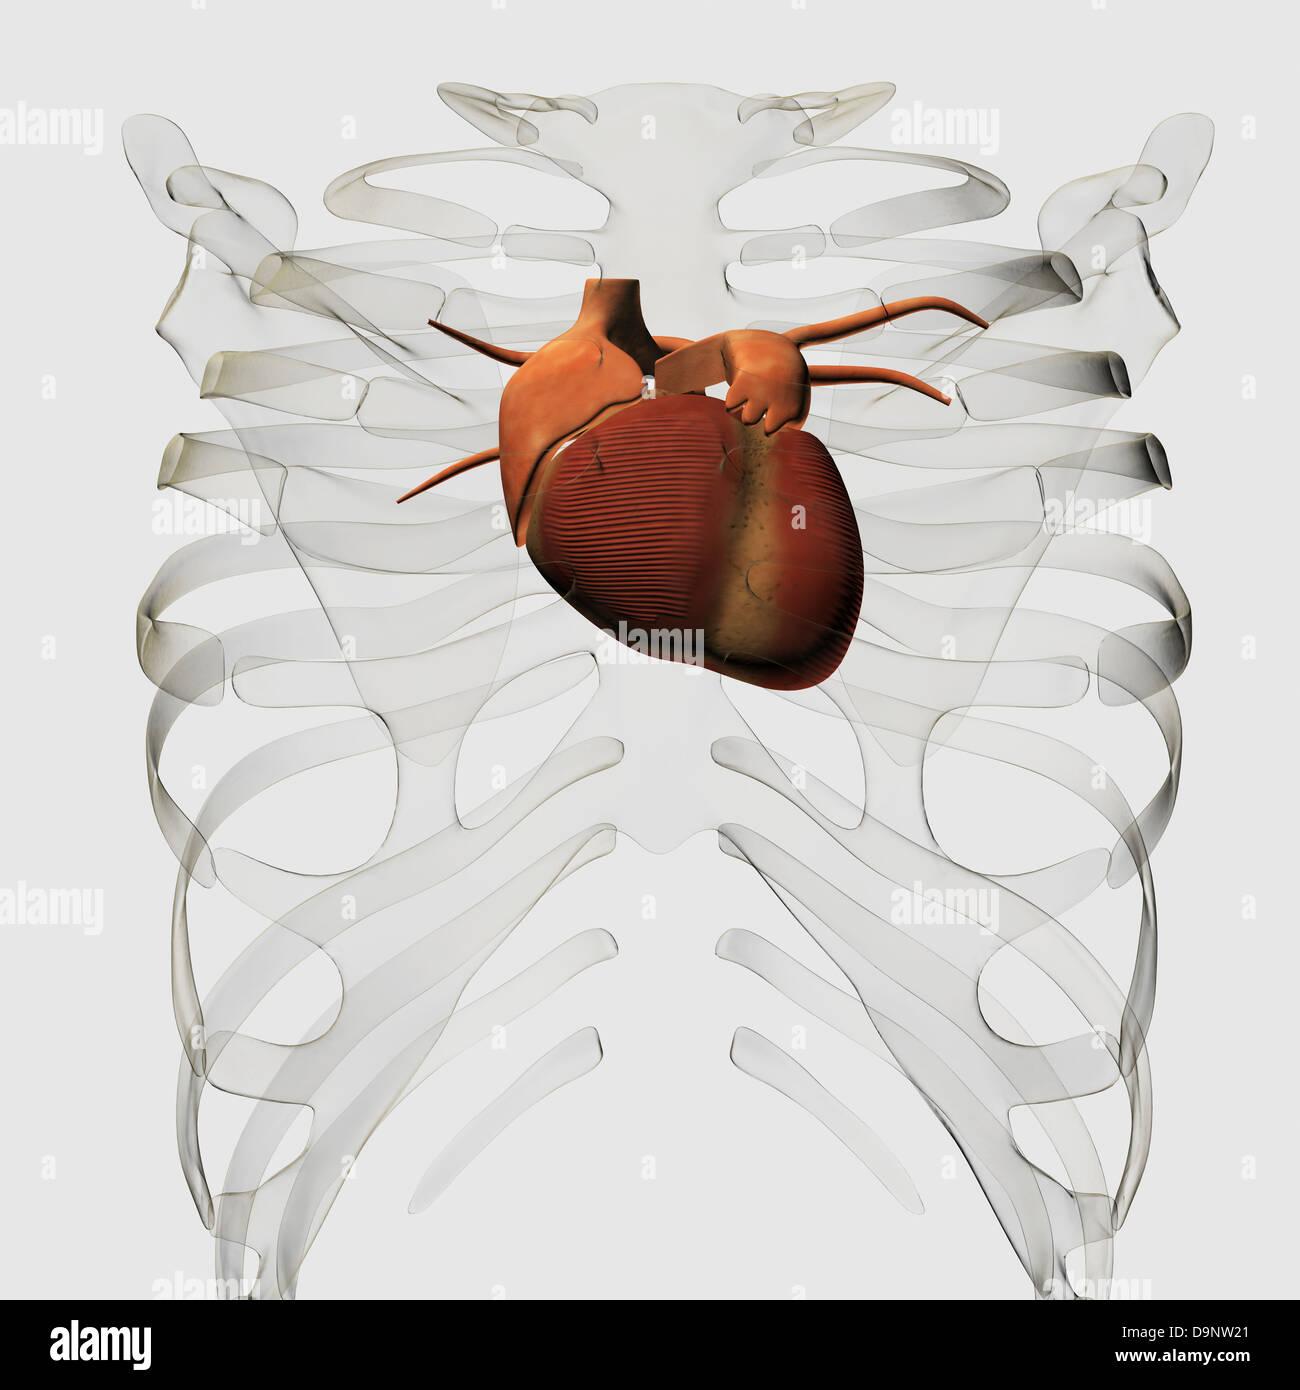 Medizinische Illustration des menschlichen Herzens und Brustkorb ...